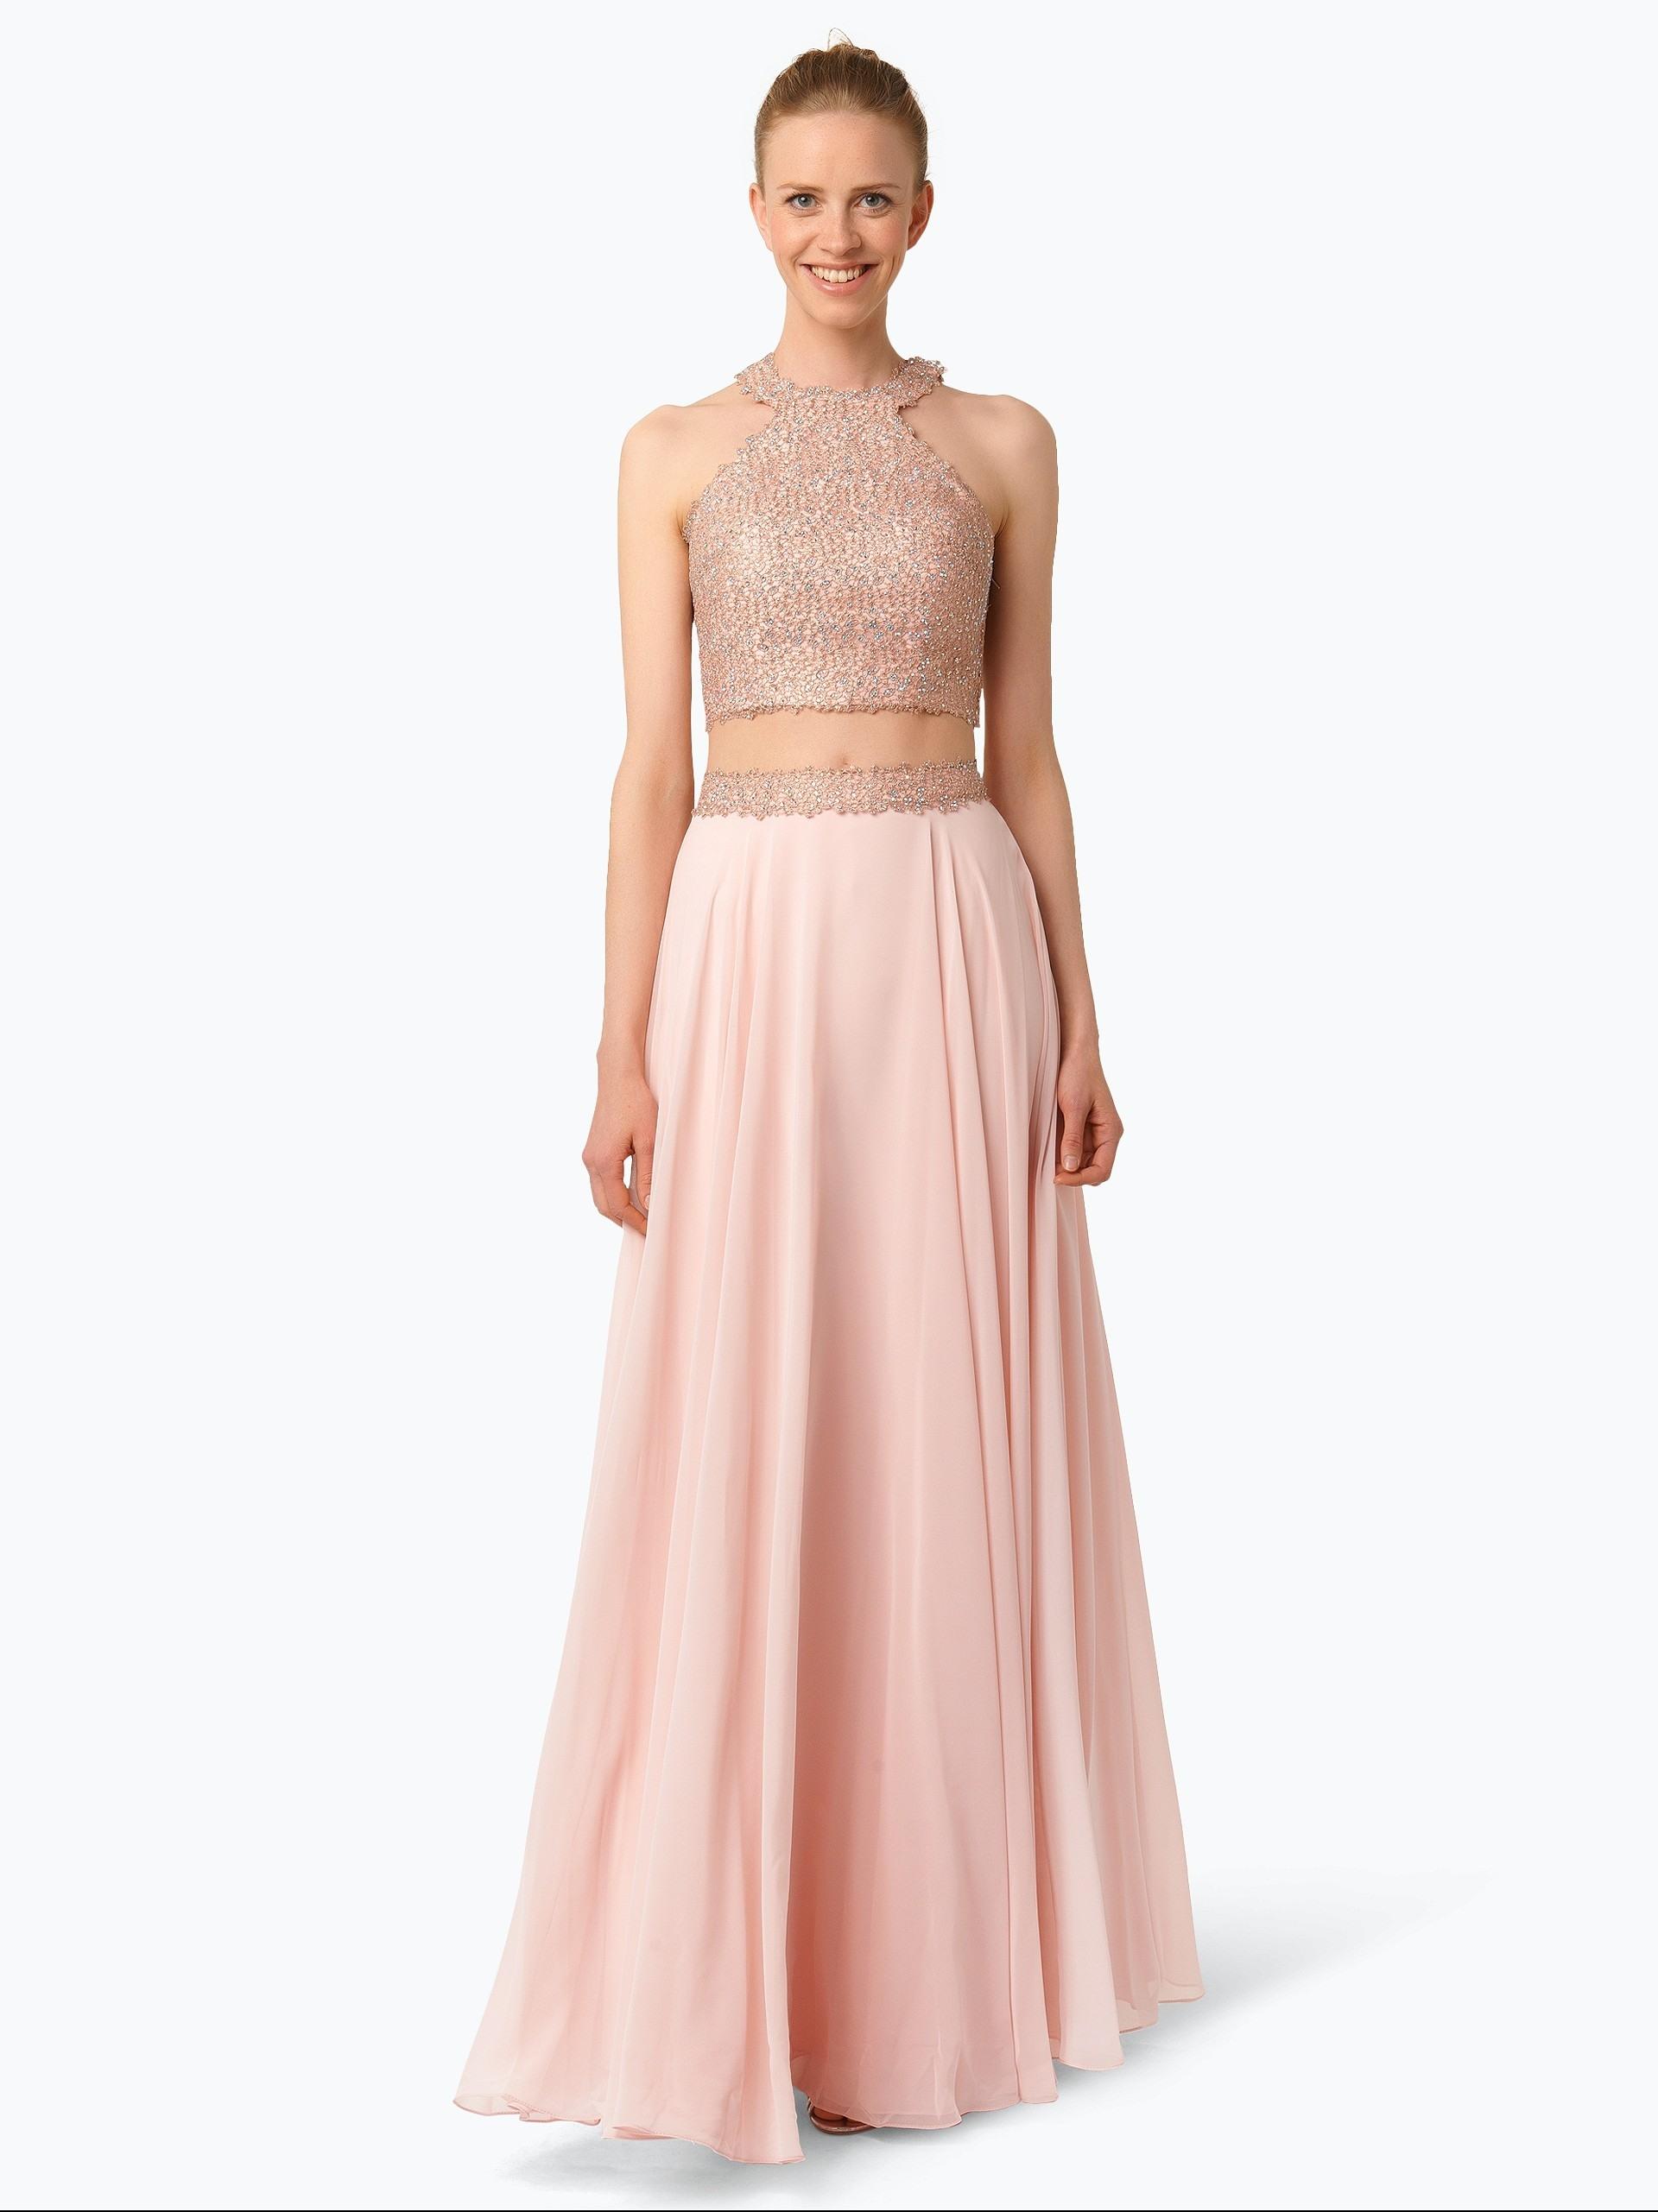 20 Spektakulär Bauchfreie Abendkleider Design17 Leicht Bauchfreie Abendkleider Stylish